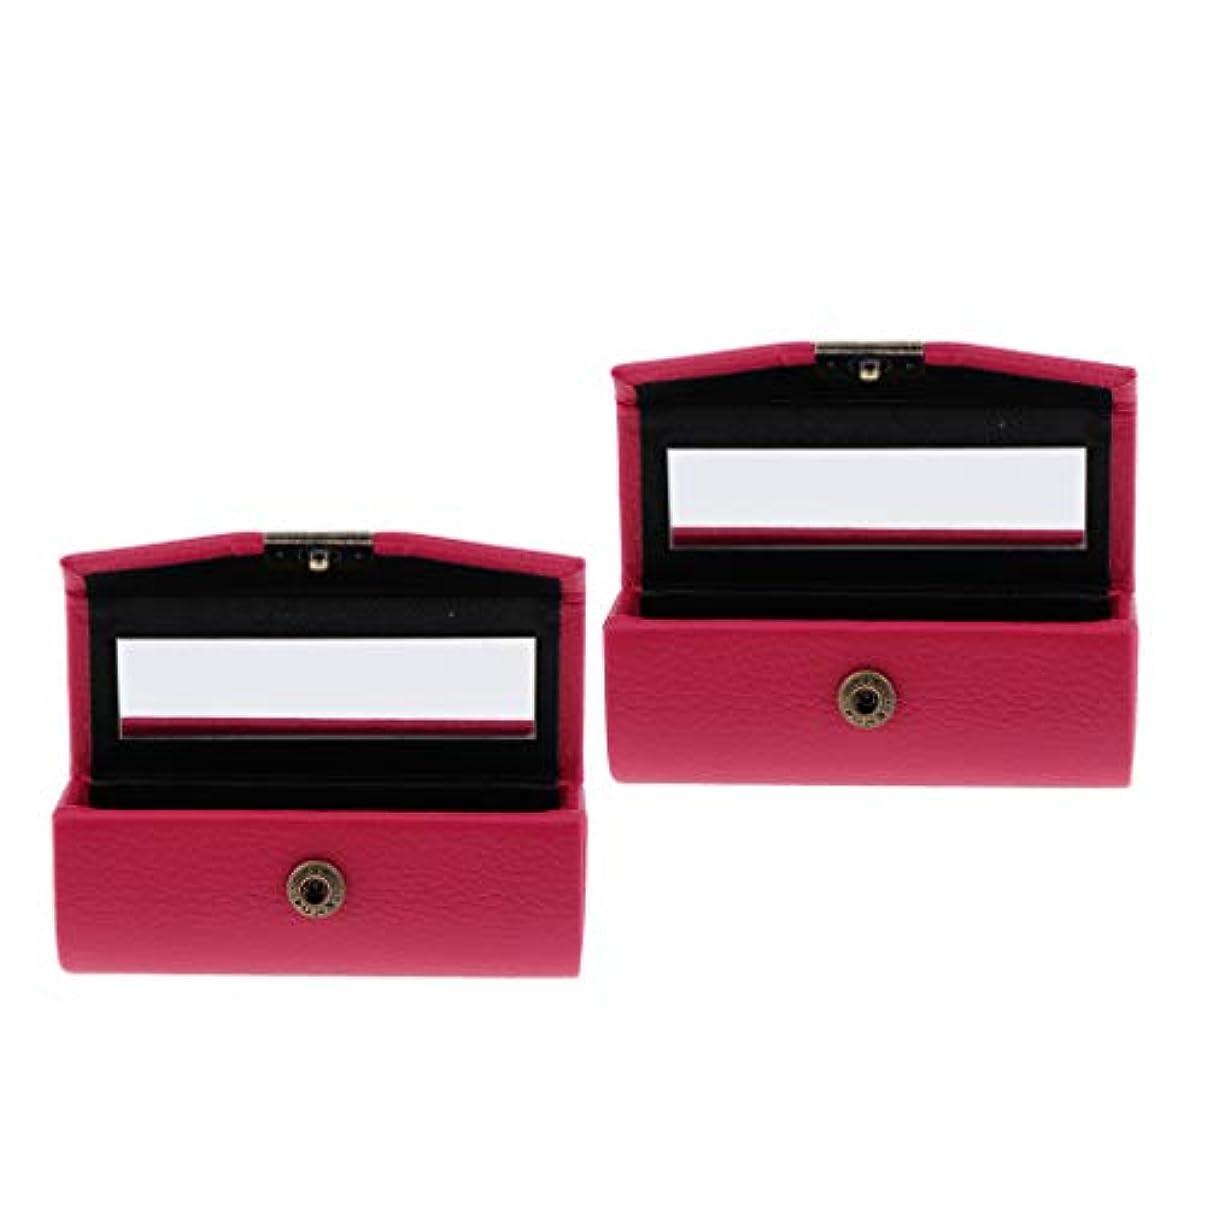 T TOOYFUL 口紅ケース リップスティックボックス ミラー付き PUレザー メイクアップ 収納ホルダー 全4種 - ローズレッド